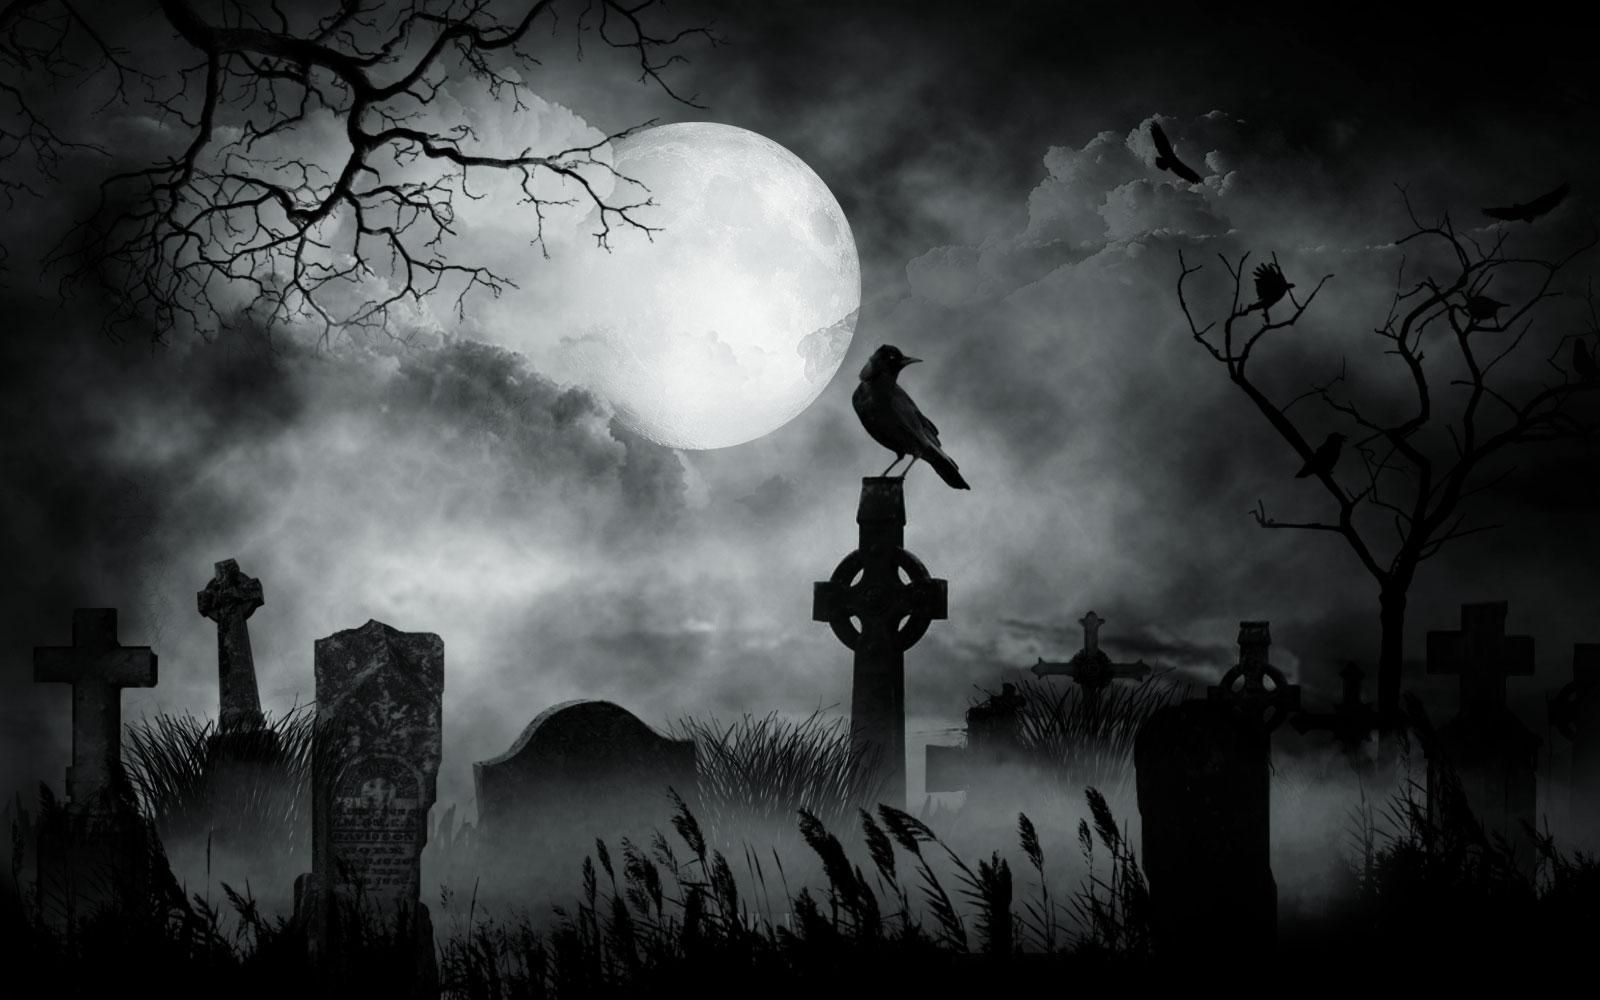 cemetery I non-morti attendono - by Vickie666 DeviantArt (2011-2017) © dell'autore